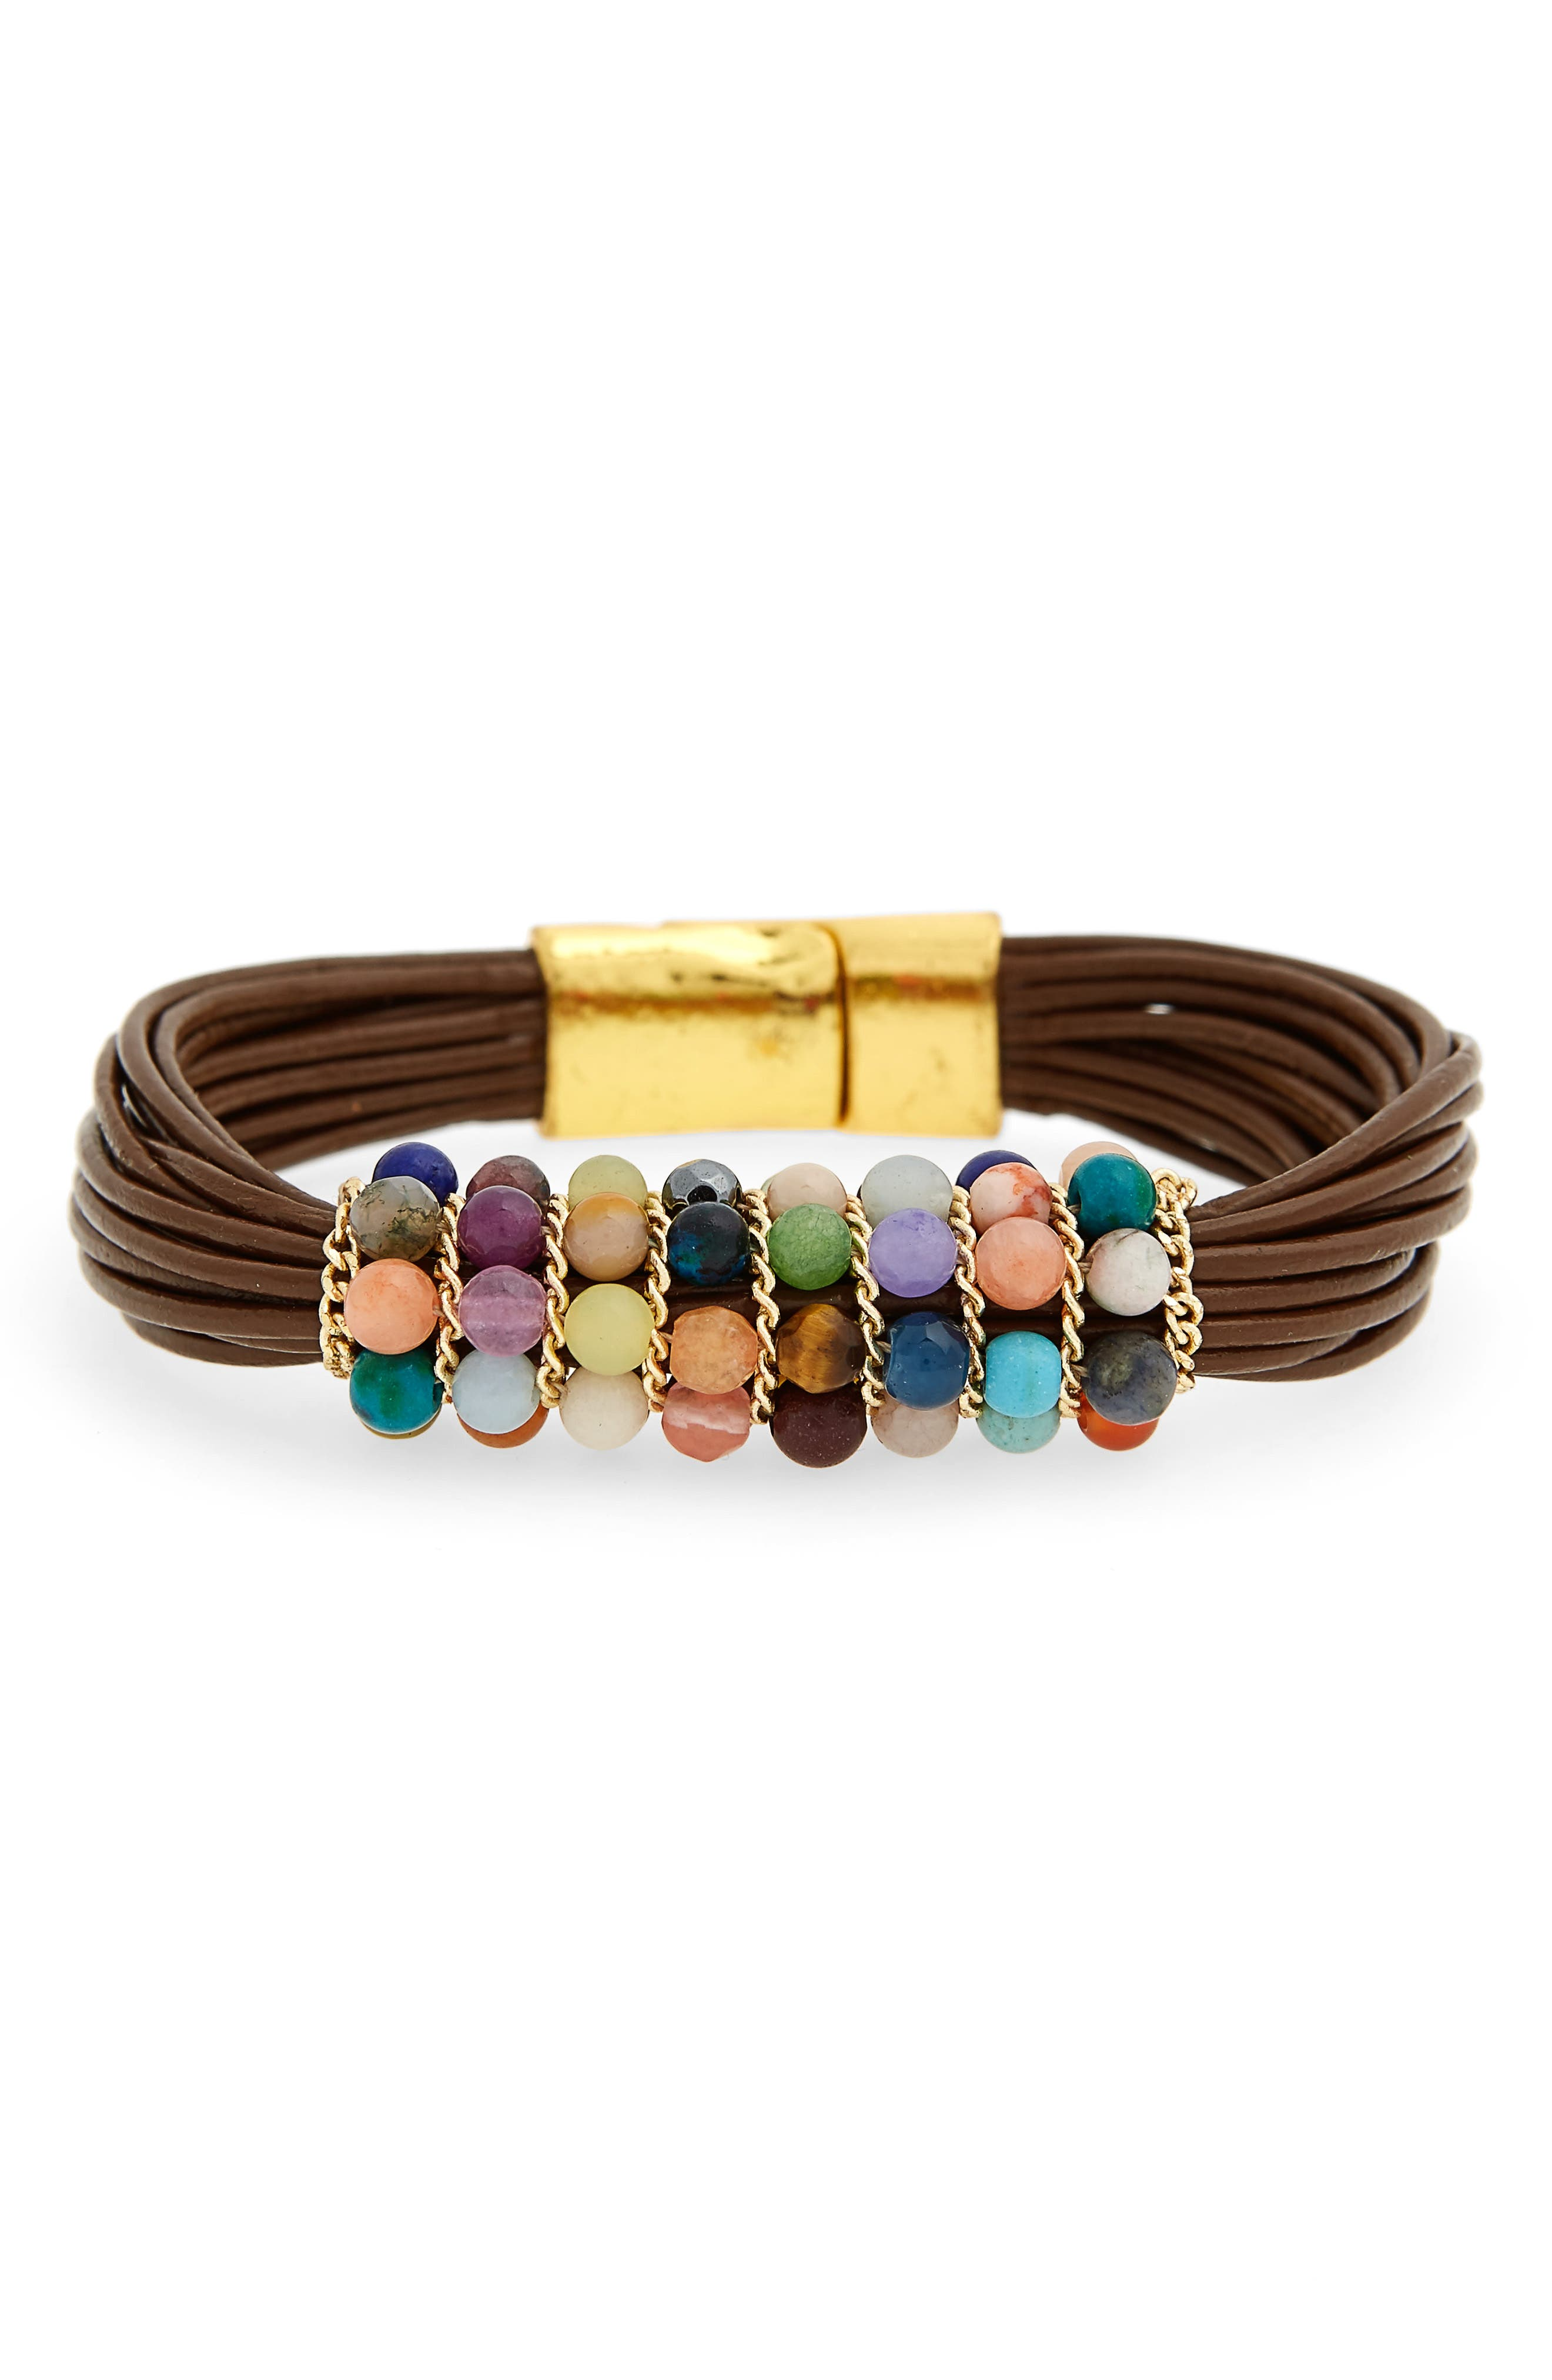 Stone & Leather Bracelet,                             Main thumbnail 1, color,                             Multi